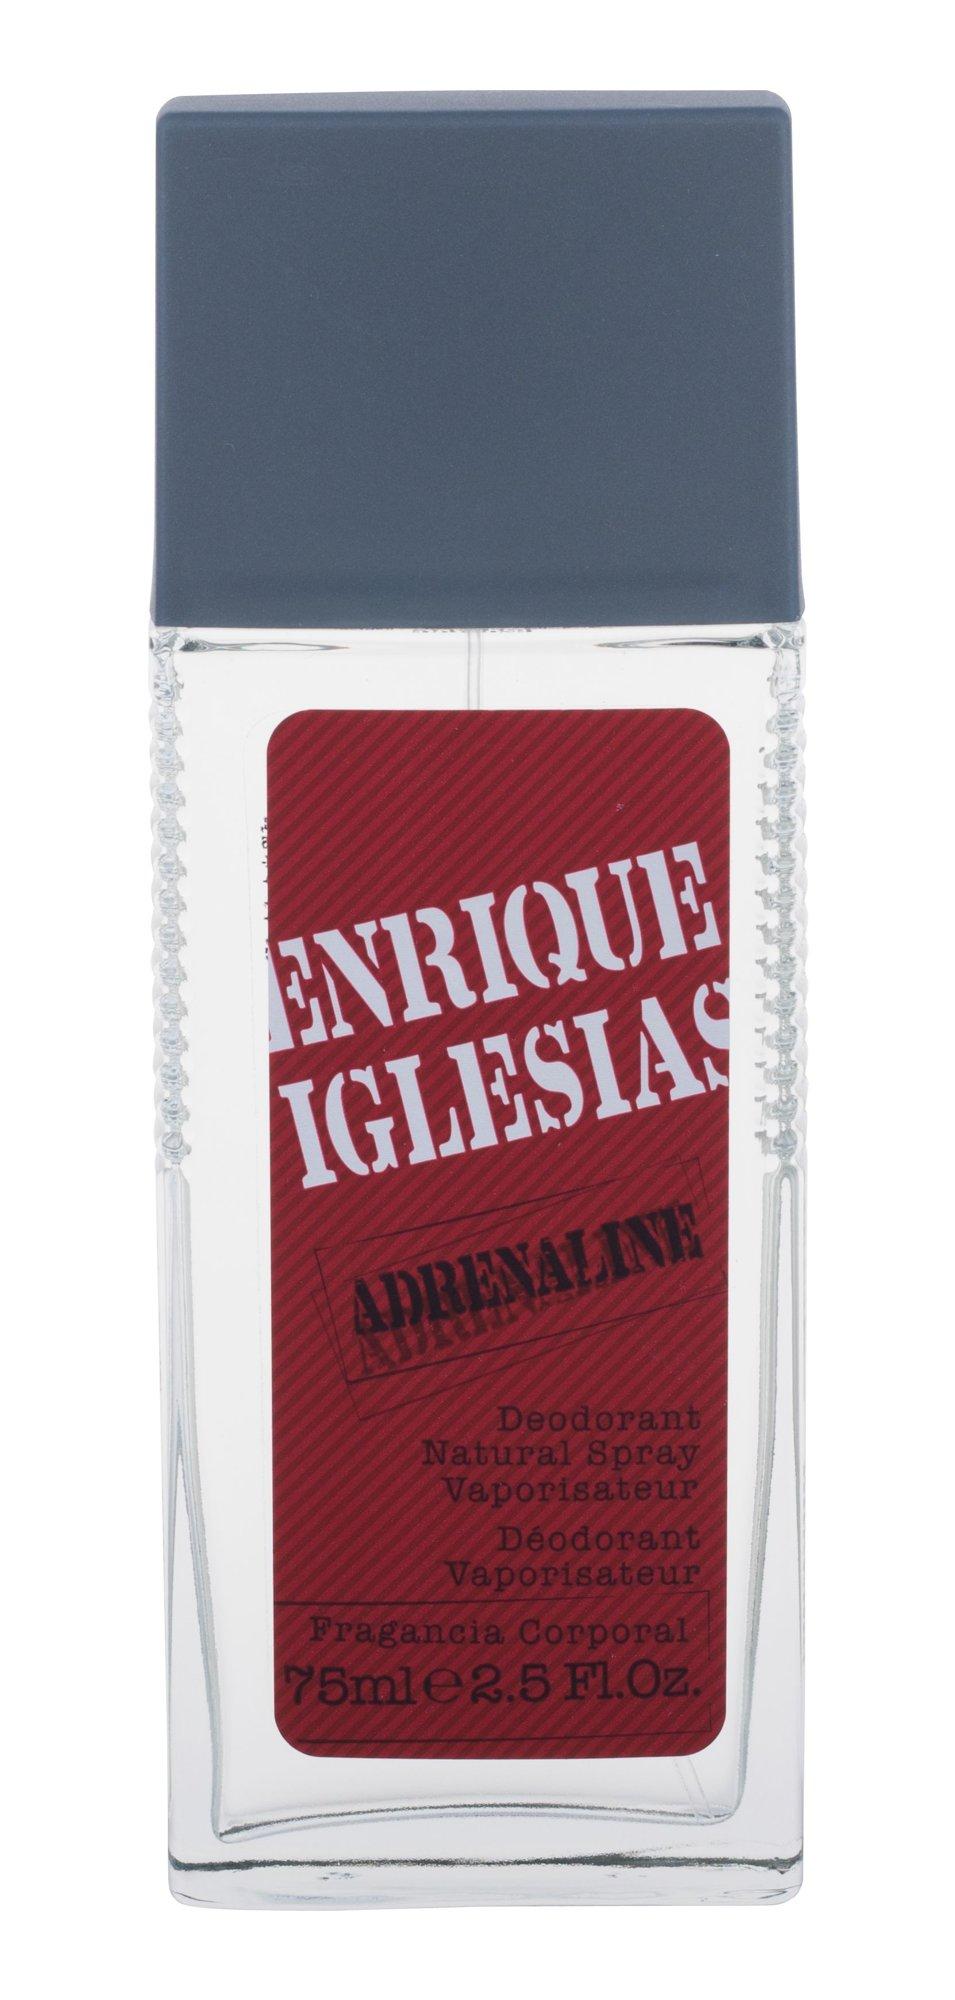 Enrique Iglesias Adrenaline Deodorant 75ml